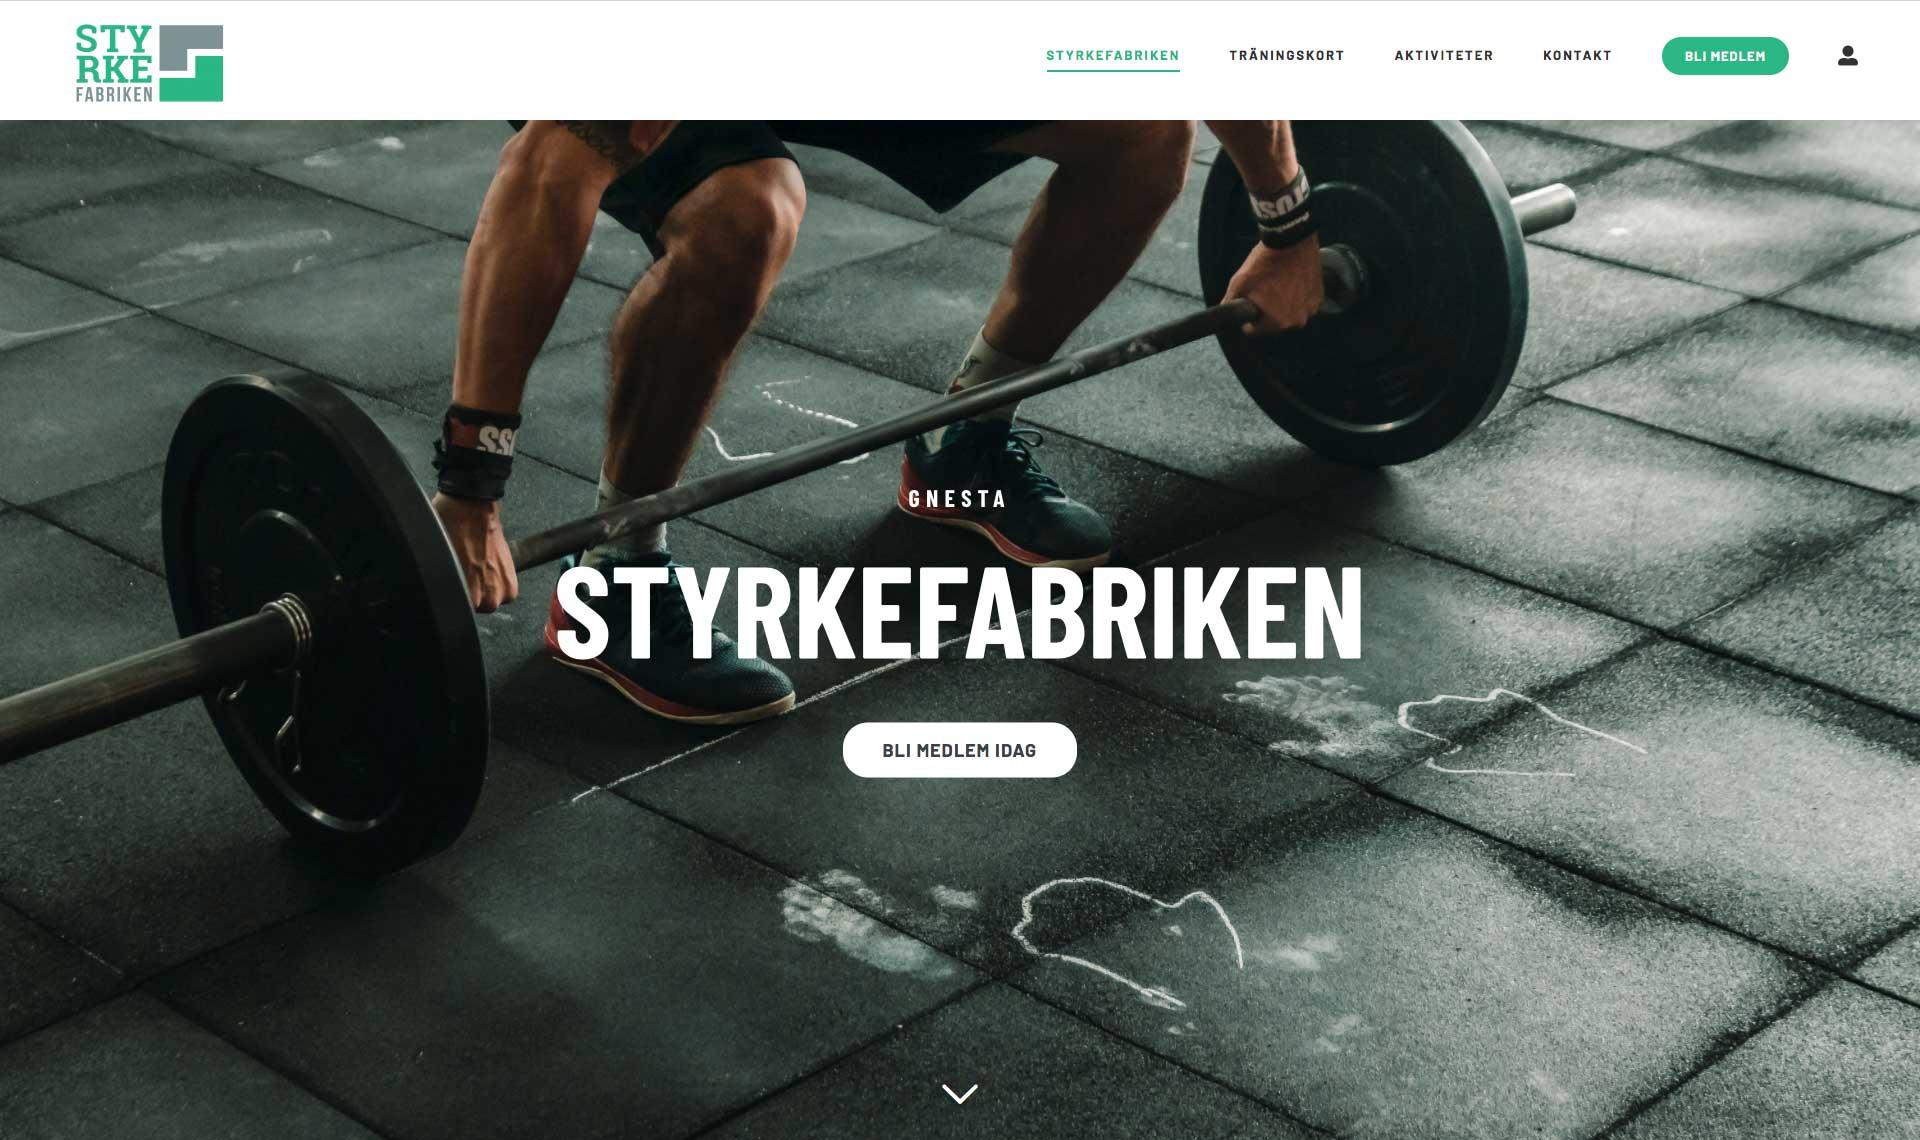 Fostira-Företagsbyrå-Styrkefabriken-Gnesta